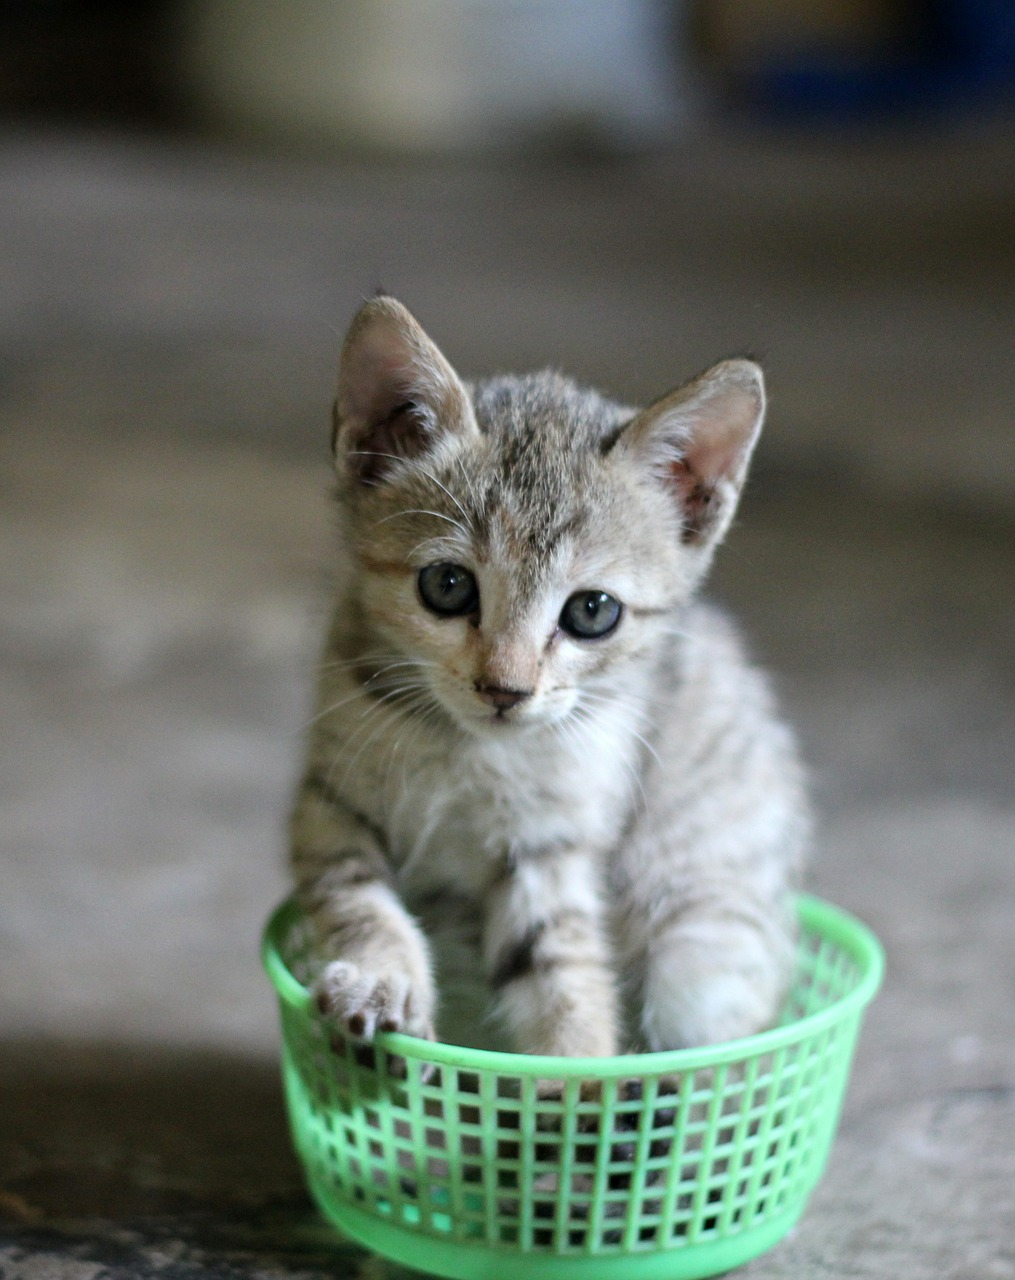 """1. Österreichische Katzensitter-Ausweis der aCATemy- Petra Ott´s Katzenschule für Menschen Bei der Katzensitter-Lizenz/Katzensitter-Ausweis handelt es sich um den Nachweis einer fundierten Ausbildung zur bedarfsgerechten Katzenhaltung. Hiermit zeichnet sich der Lizenznehmer aus, professionelle Kenntnisse über das Haustier """"Die Katze"""" erlangt zu haben. Der hauptsächliche Vorteil besteht darin, dass Sie die Lizenz einmal erwerben und dann ohne jegliche weiteren Kosten für immer nutzen! Die wichtigsten Kenntnisse im Überblick: – Anatomie der Katze – die Bauanleitung – Physiologie der Katze – Funktionsanleitung – Ernährung der Katze – Grundbedürfnisse der Katze – Körpersprache Basic – Beschäftigung mit Katzen – Charaktereigenschaften und Persönlichkeiten der Katzen – Erste Hilfe für Haustiere – Checkliste für Katzensitter – Verhalten bei Problemkatzen – Gefahren im Haushalt für Katzen erkennen Die Workshops findet an einem Tag statt und bestehen aus *) Kommunikation und Körpersprache der Katze *) Richtige Beschäftigung *) Katzensitter-Ausweis"""